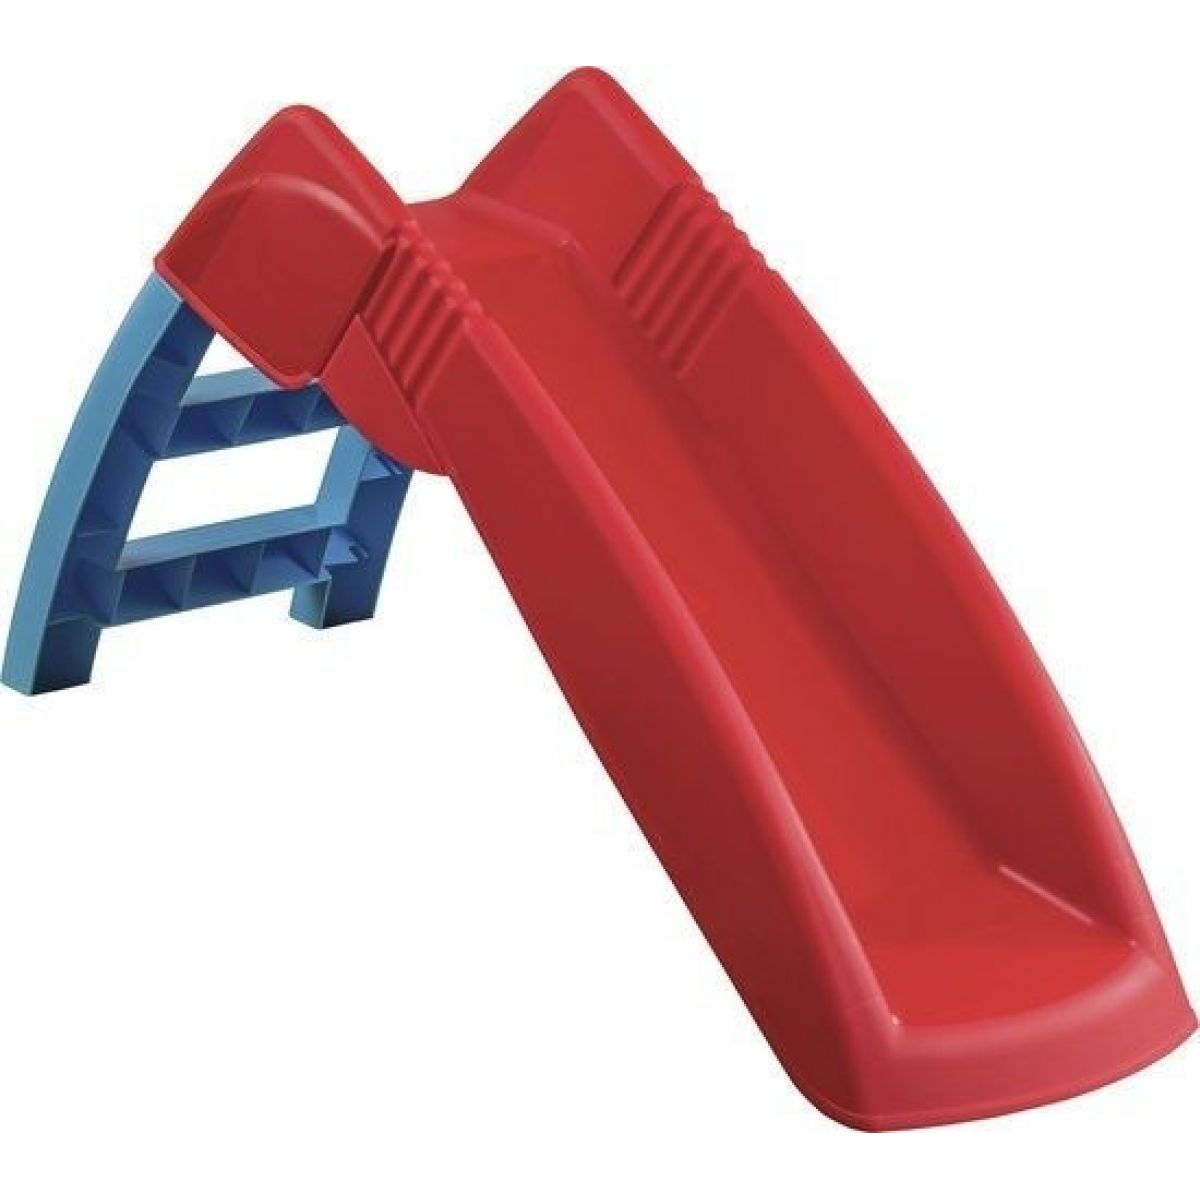 Marian Plast Dětská plastová klouzačka Junior Červená